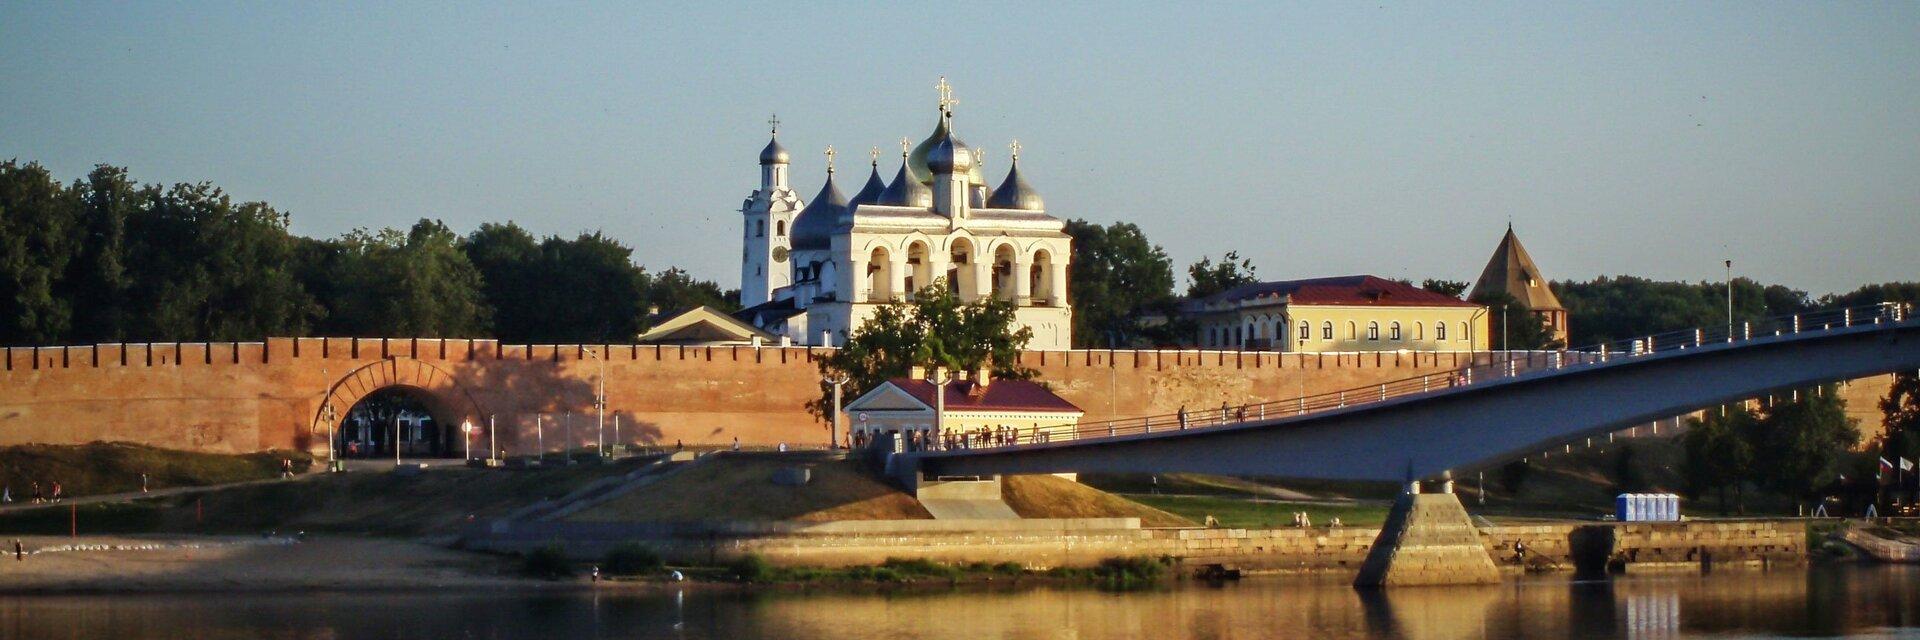 Поиск отелей в Великом Новгороде